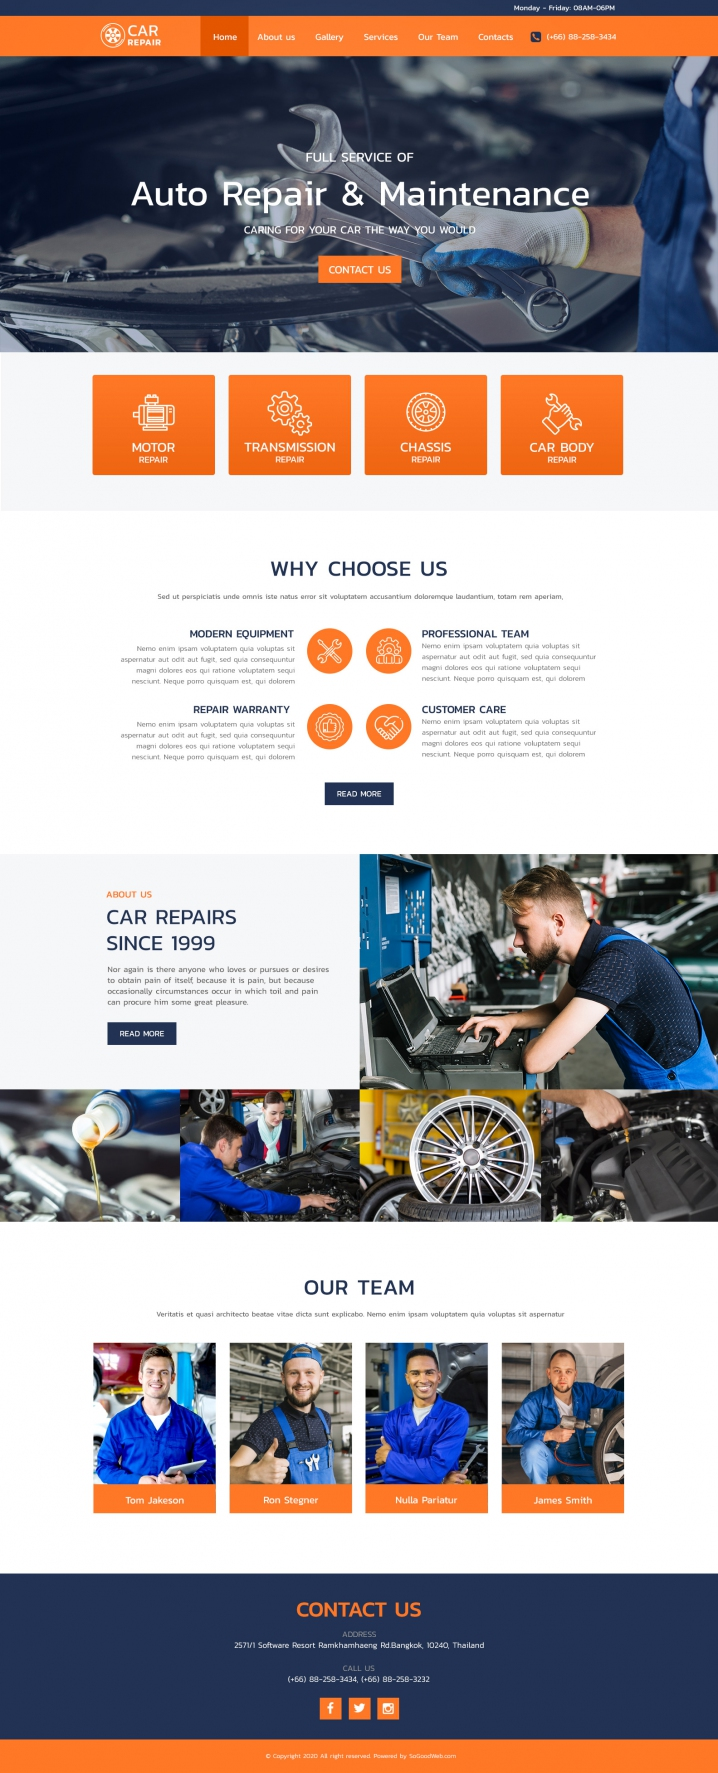 Car Servicing and Repairs